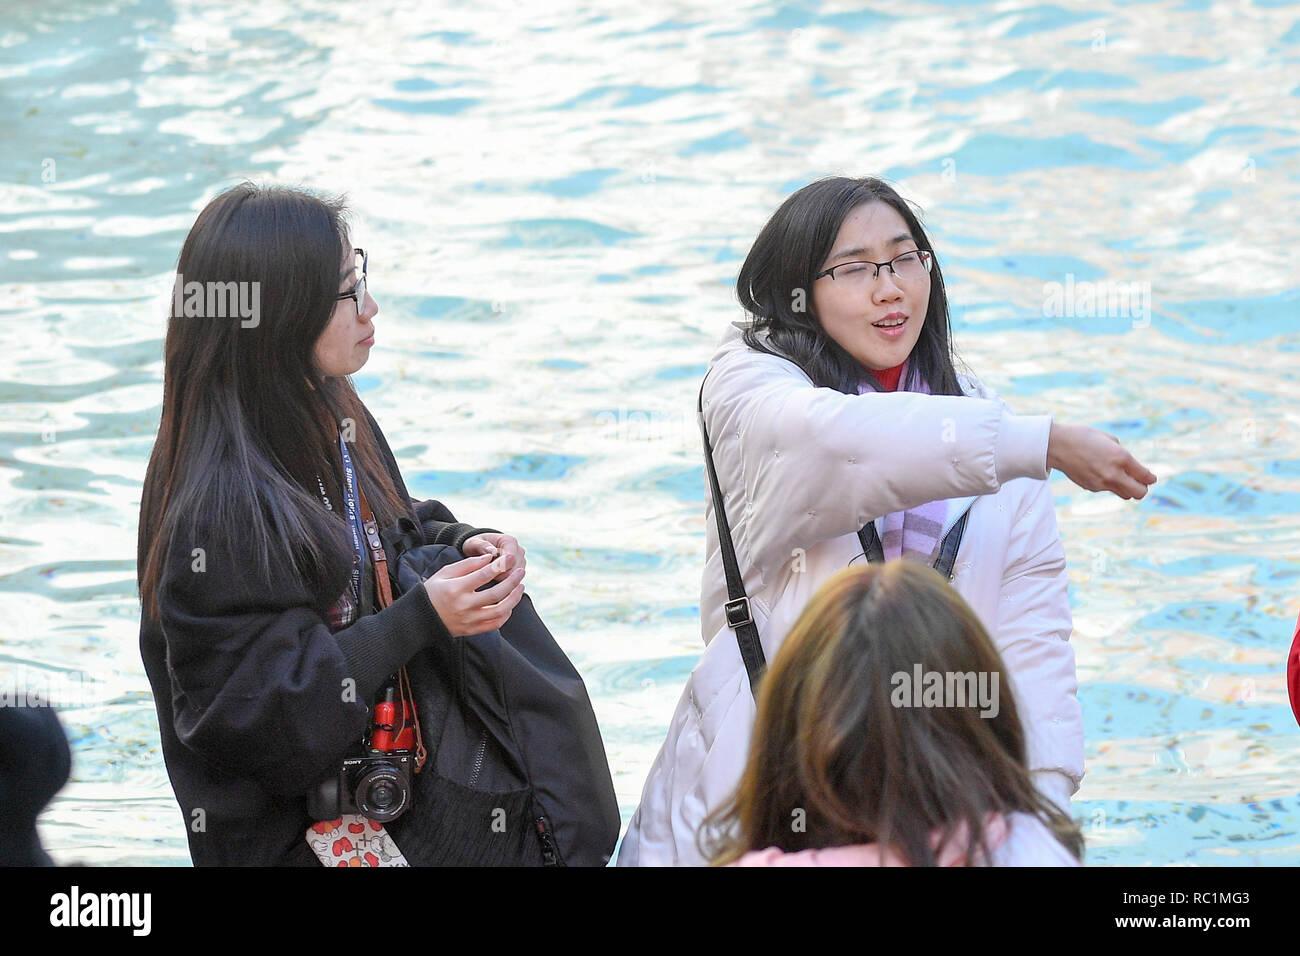 Foto Fabrizio Corradetti/LaPresse 13 gennaio 2019 Roma, Italia  Cronaca Fontana di Trevi Nella foto: Turista lancia una moneta nella fontana - Stock Image